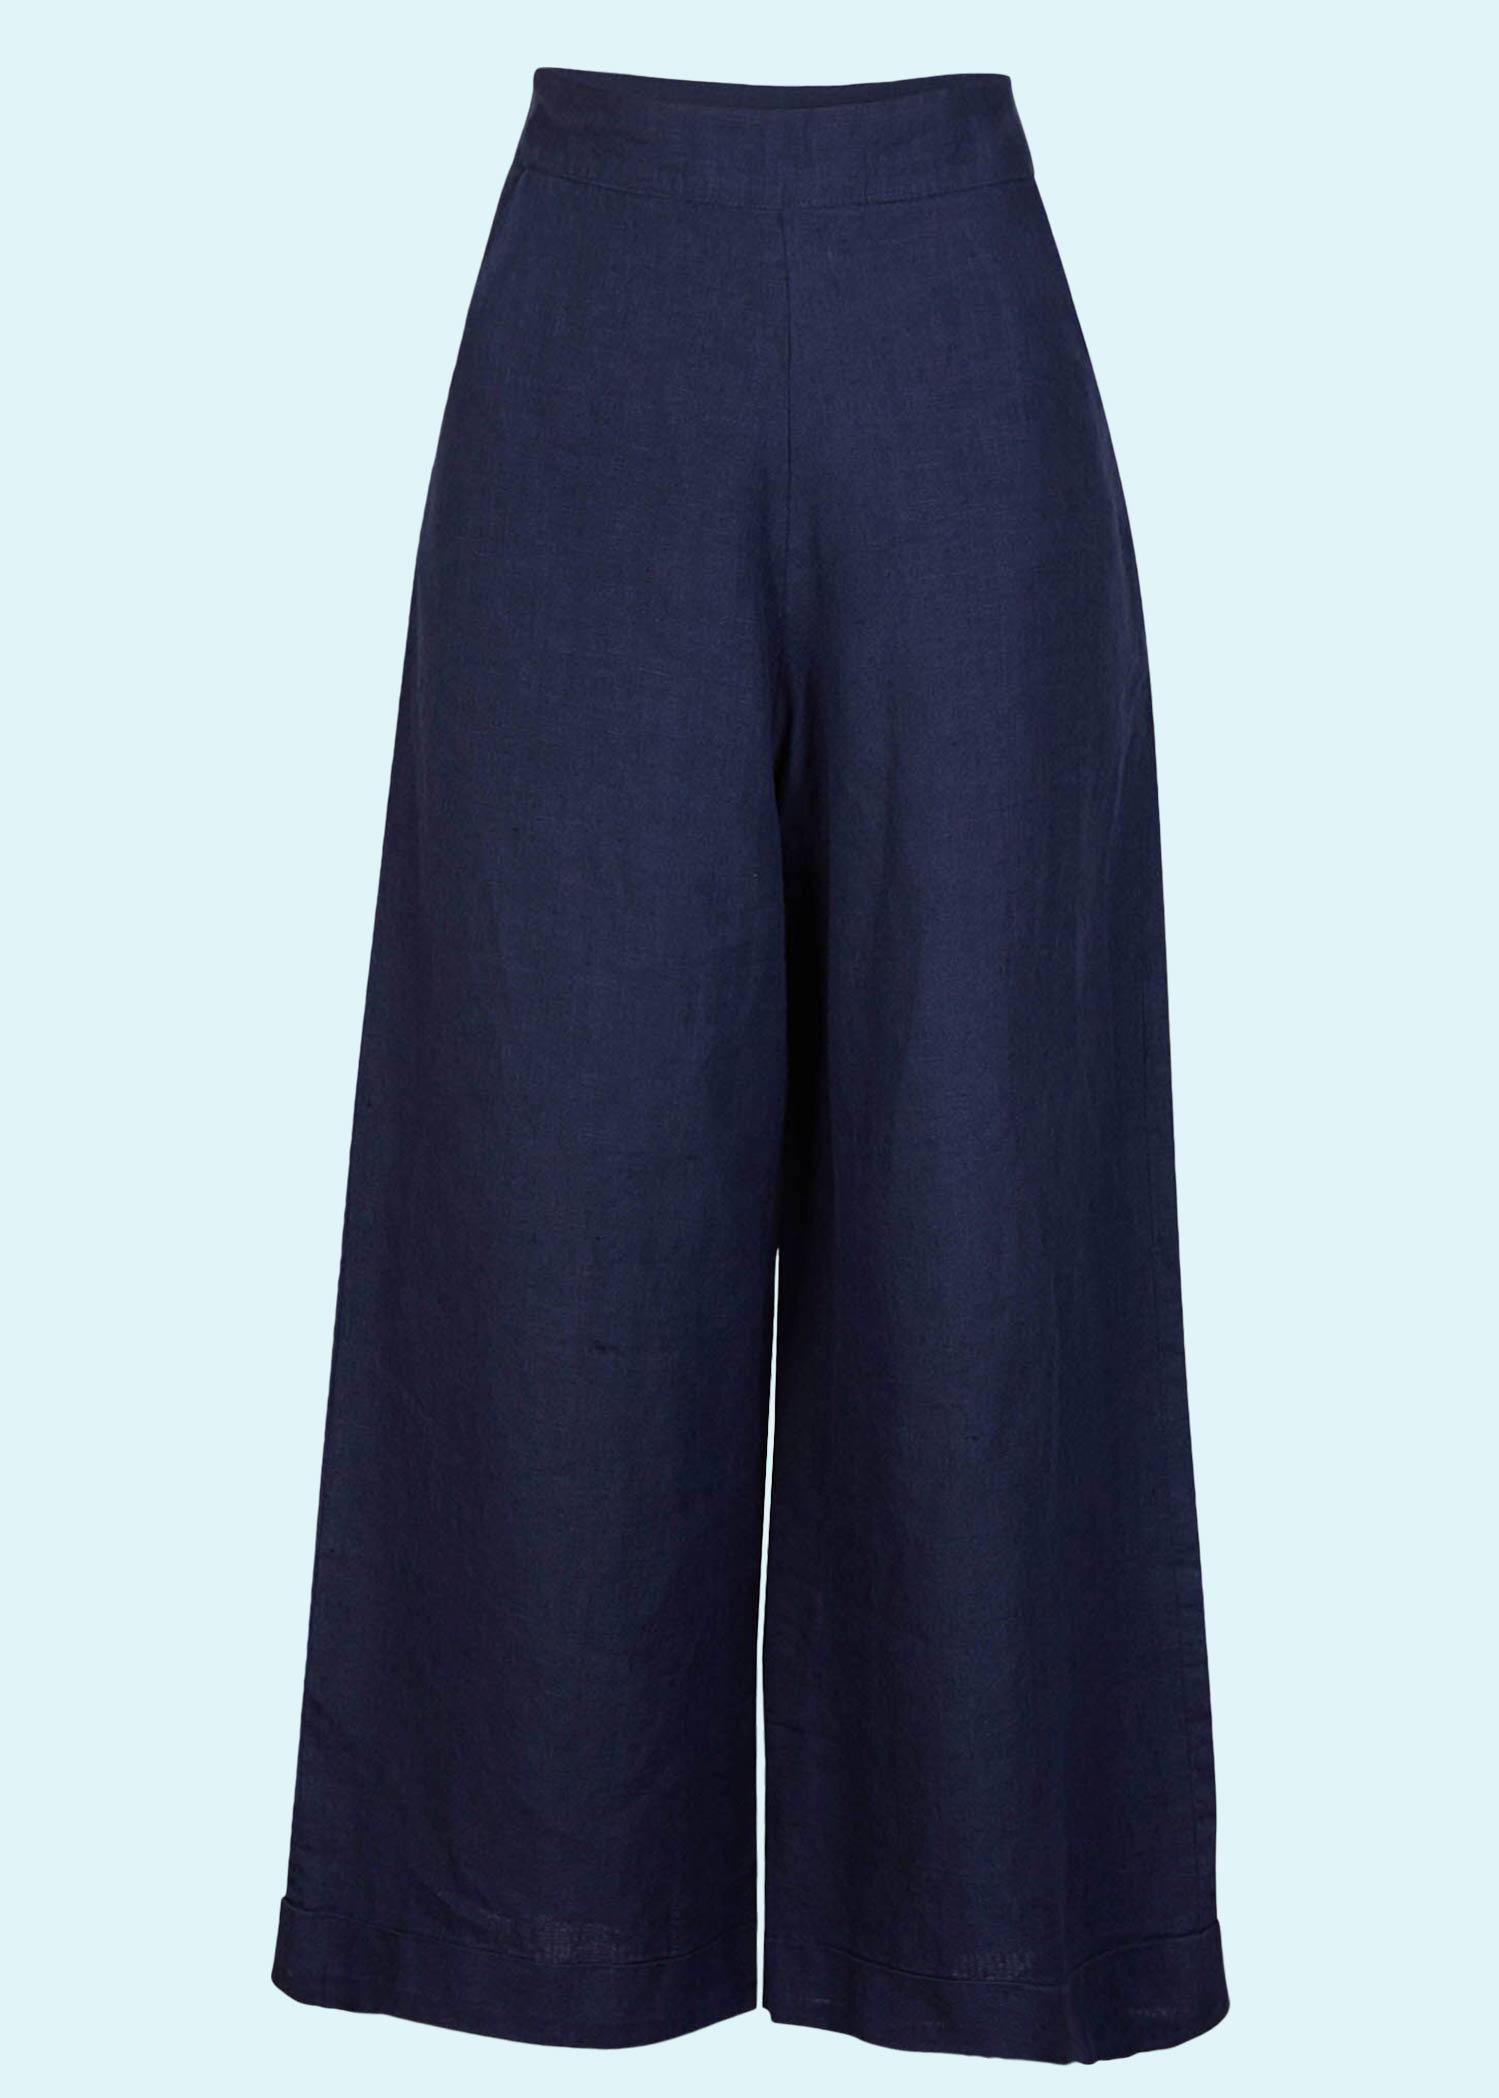 Retro bukser med vidde ben fra Palava